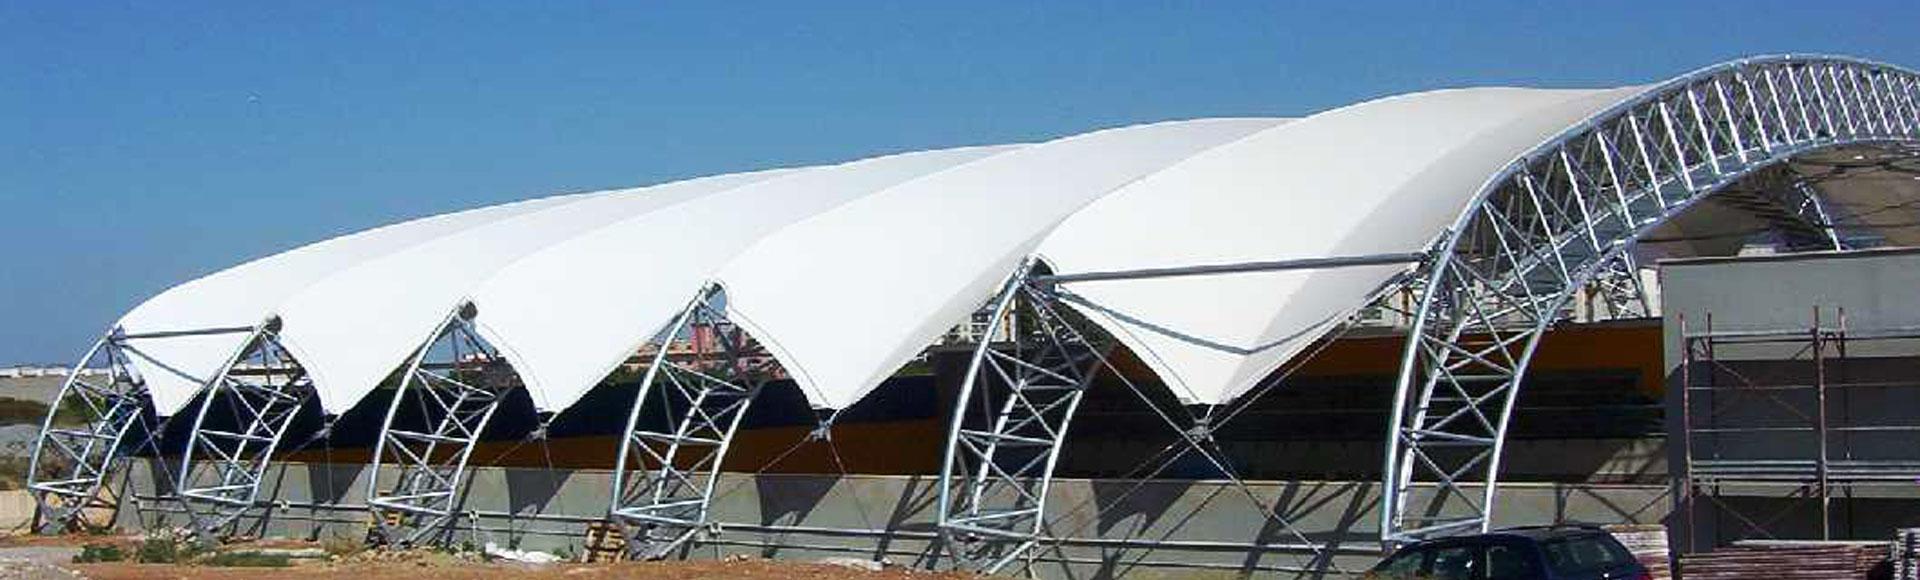 5 - سایبان و سقف متحرک (برقی)